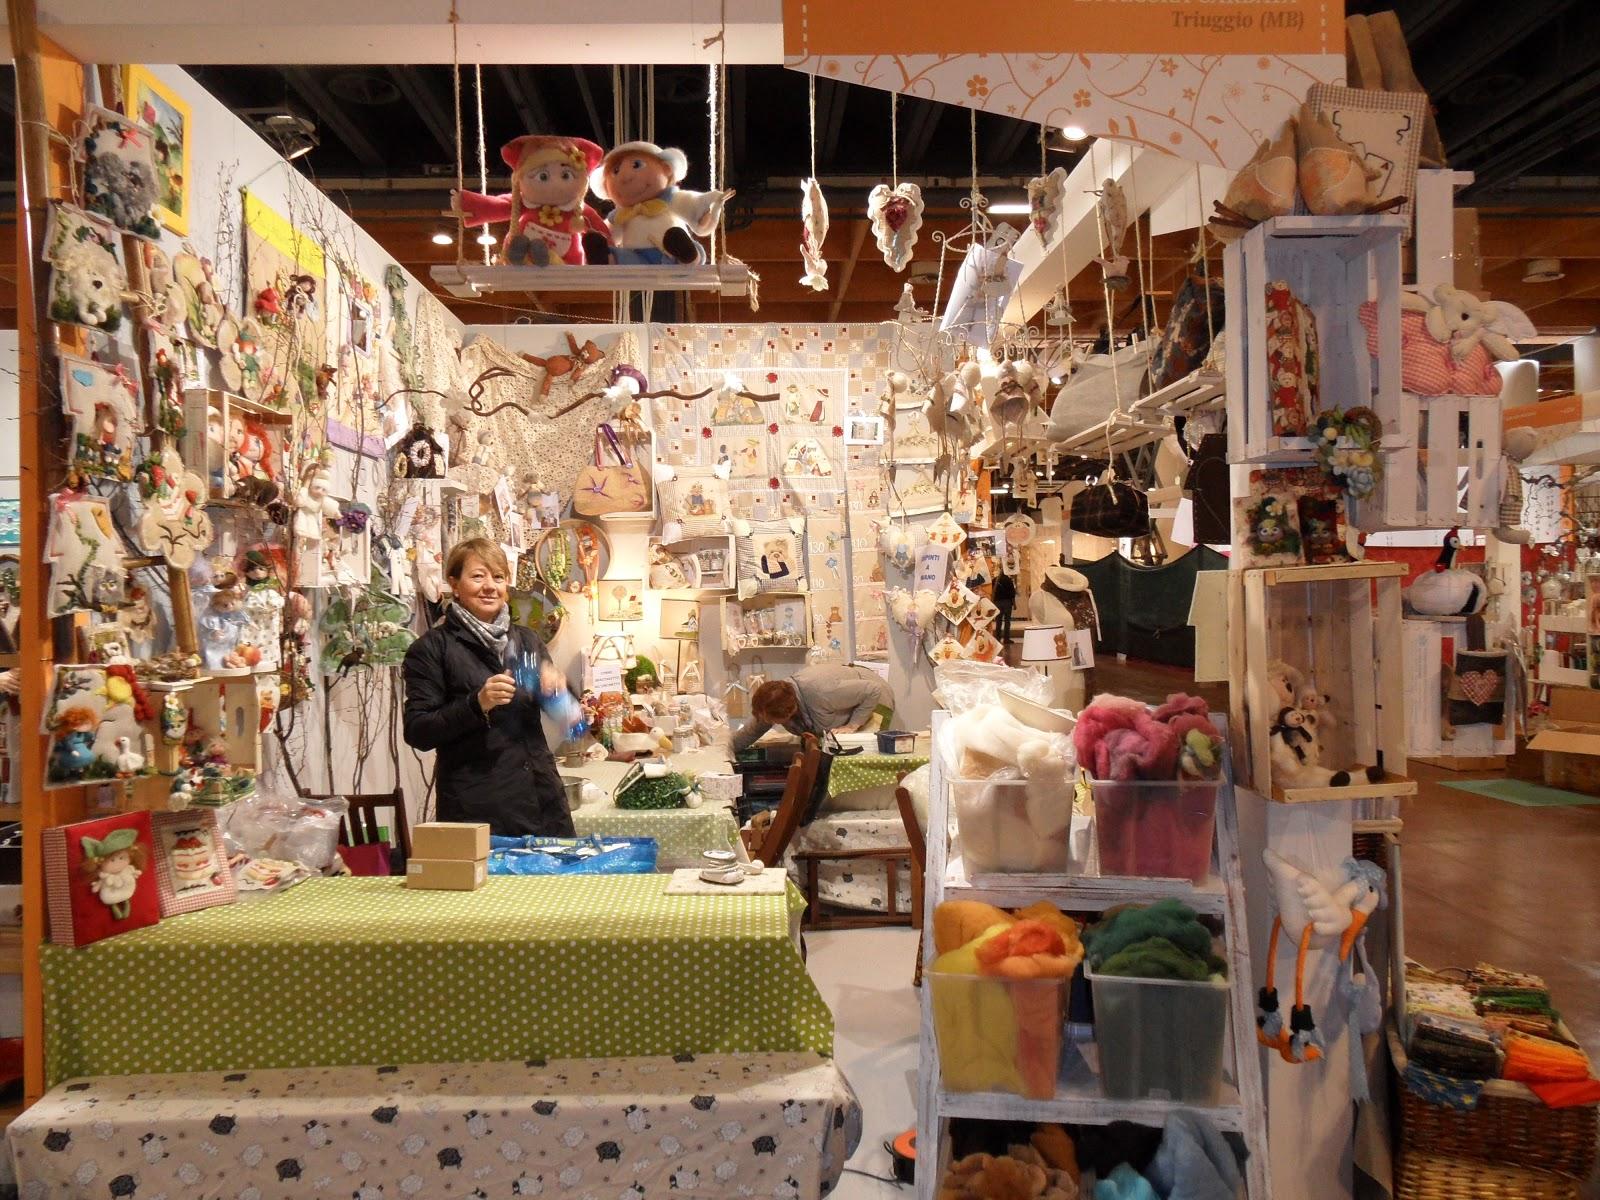 Fiera di Roma, dal 17/03 torna Abilmente, atelier internazionale della manualità creativa